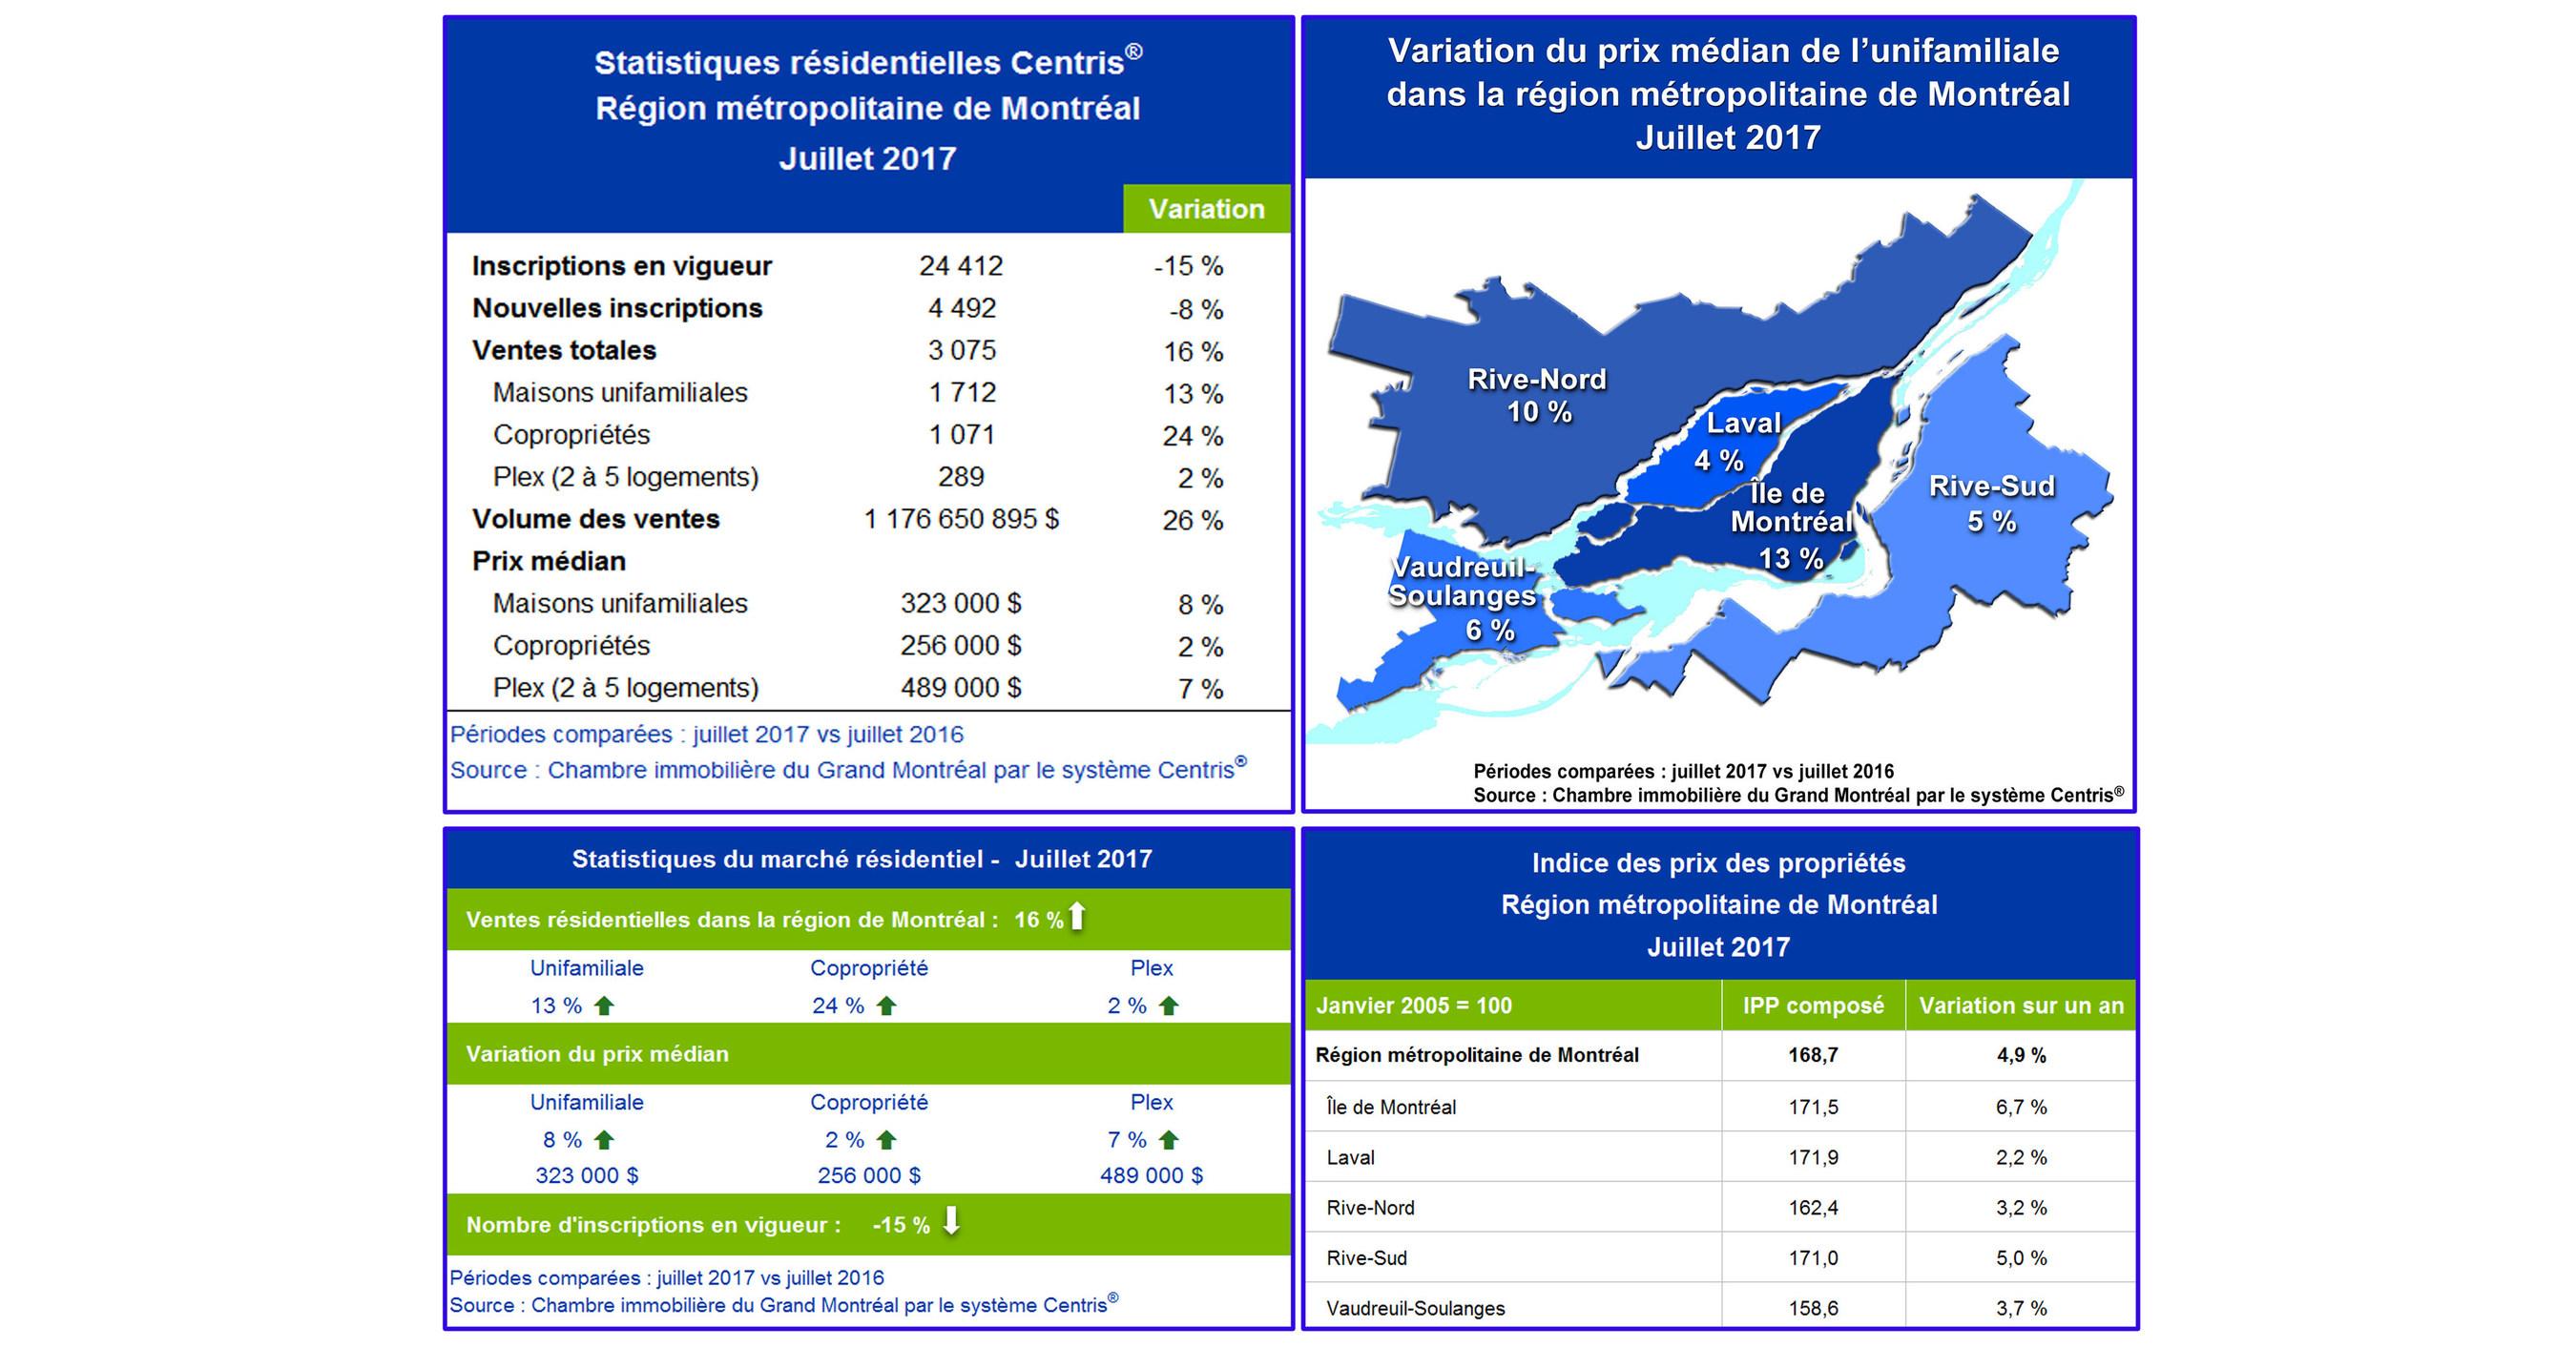 Cnw statistiques de ventes r sidentielles centris juillet 2017 chaud mois de juillet pour - Chambre des courtiers immobiliers ...